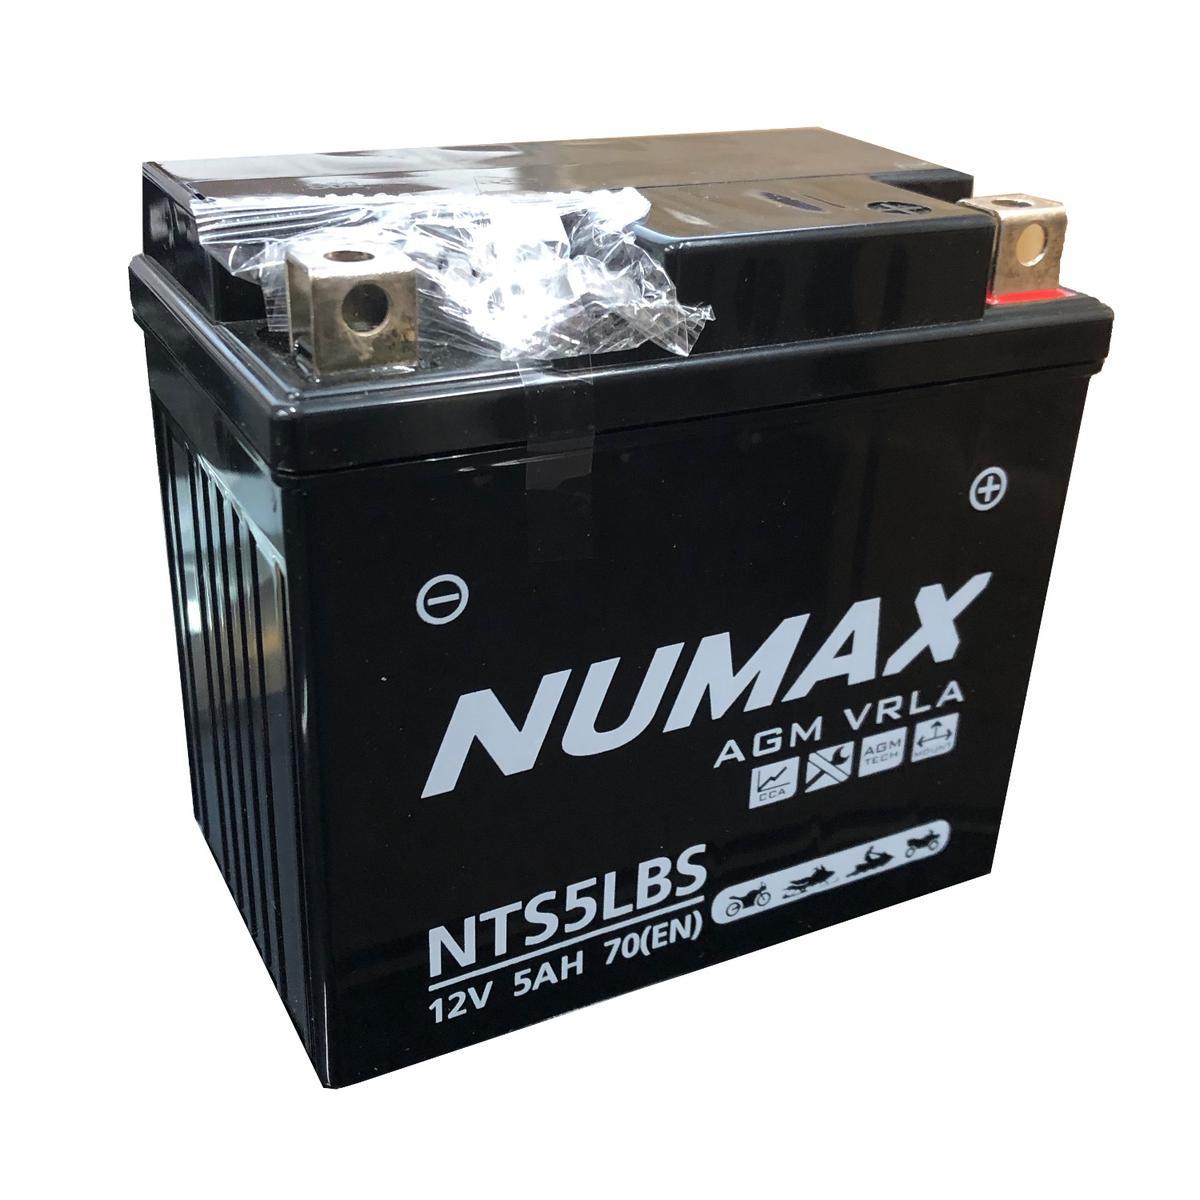 Numax 12v NTS5LBS Motorbike Bike Battery SUZUKI 100cc AG100 YTX5L-4